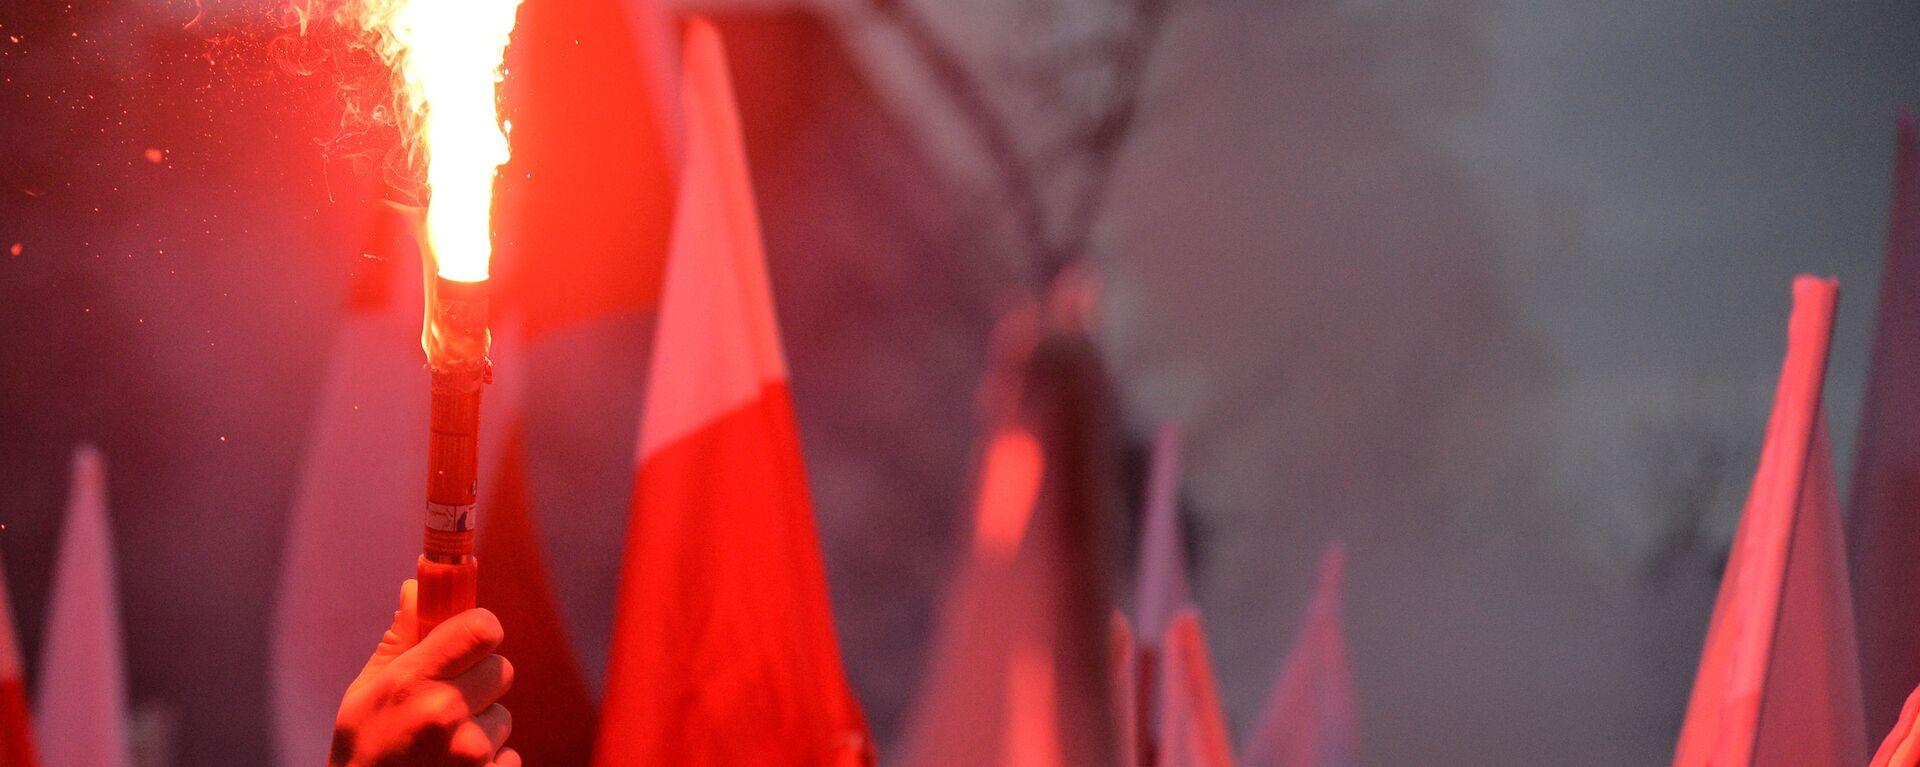 Dzień Niepodległości Polski - Sputnik Polska, 1920, 24.06.2021